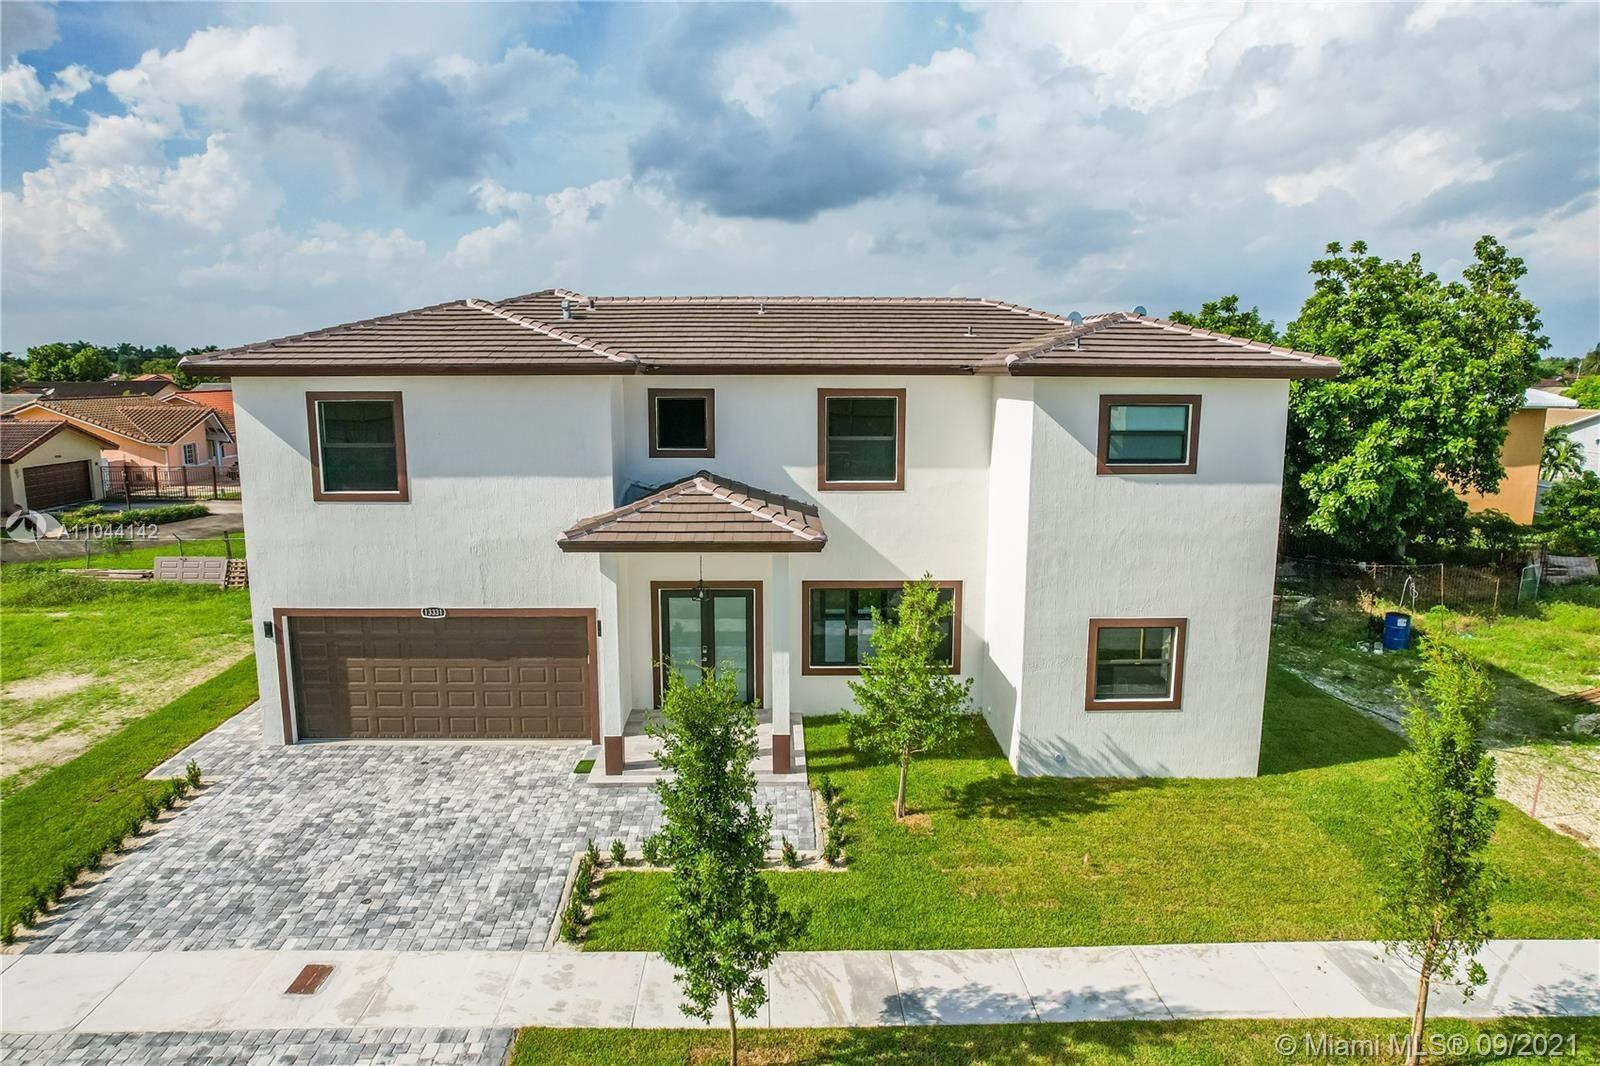 13331 SW 41st St, Miami, FL 33175 - #: A11044142